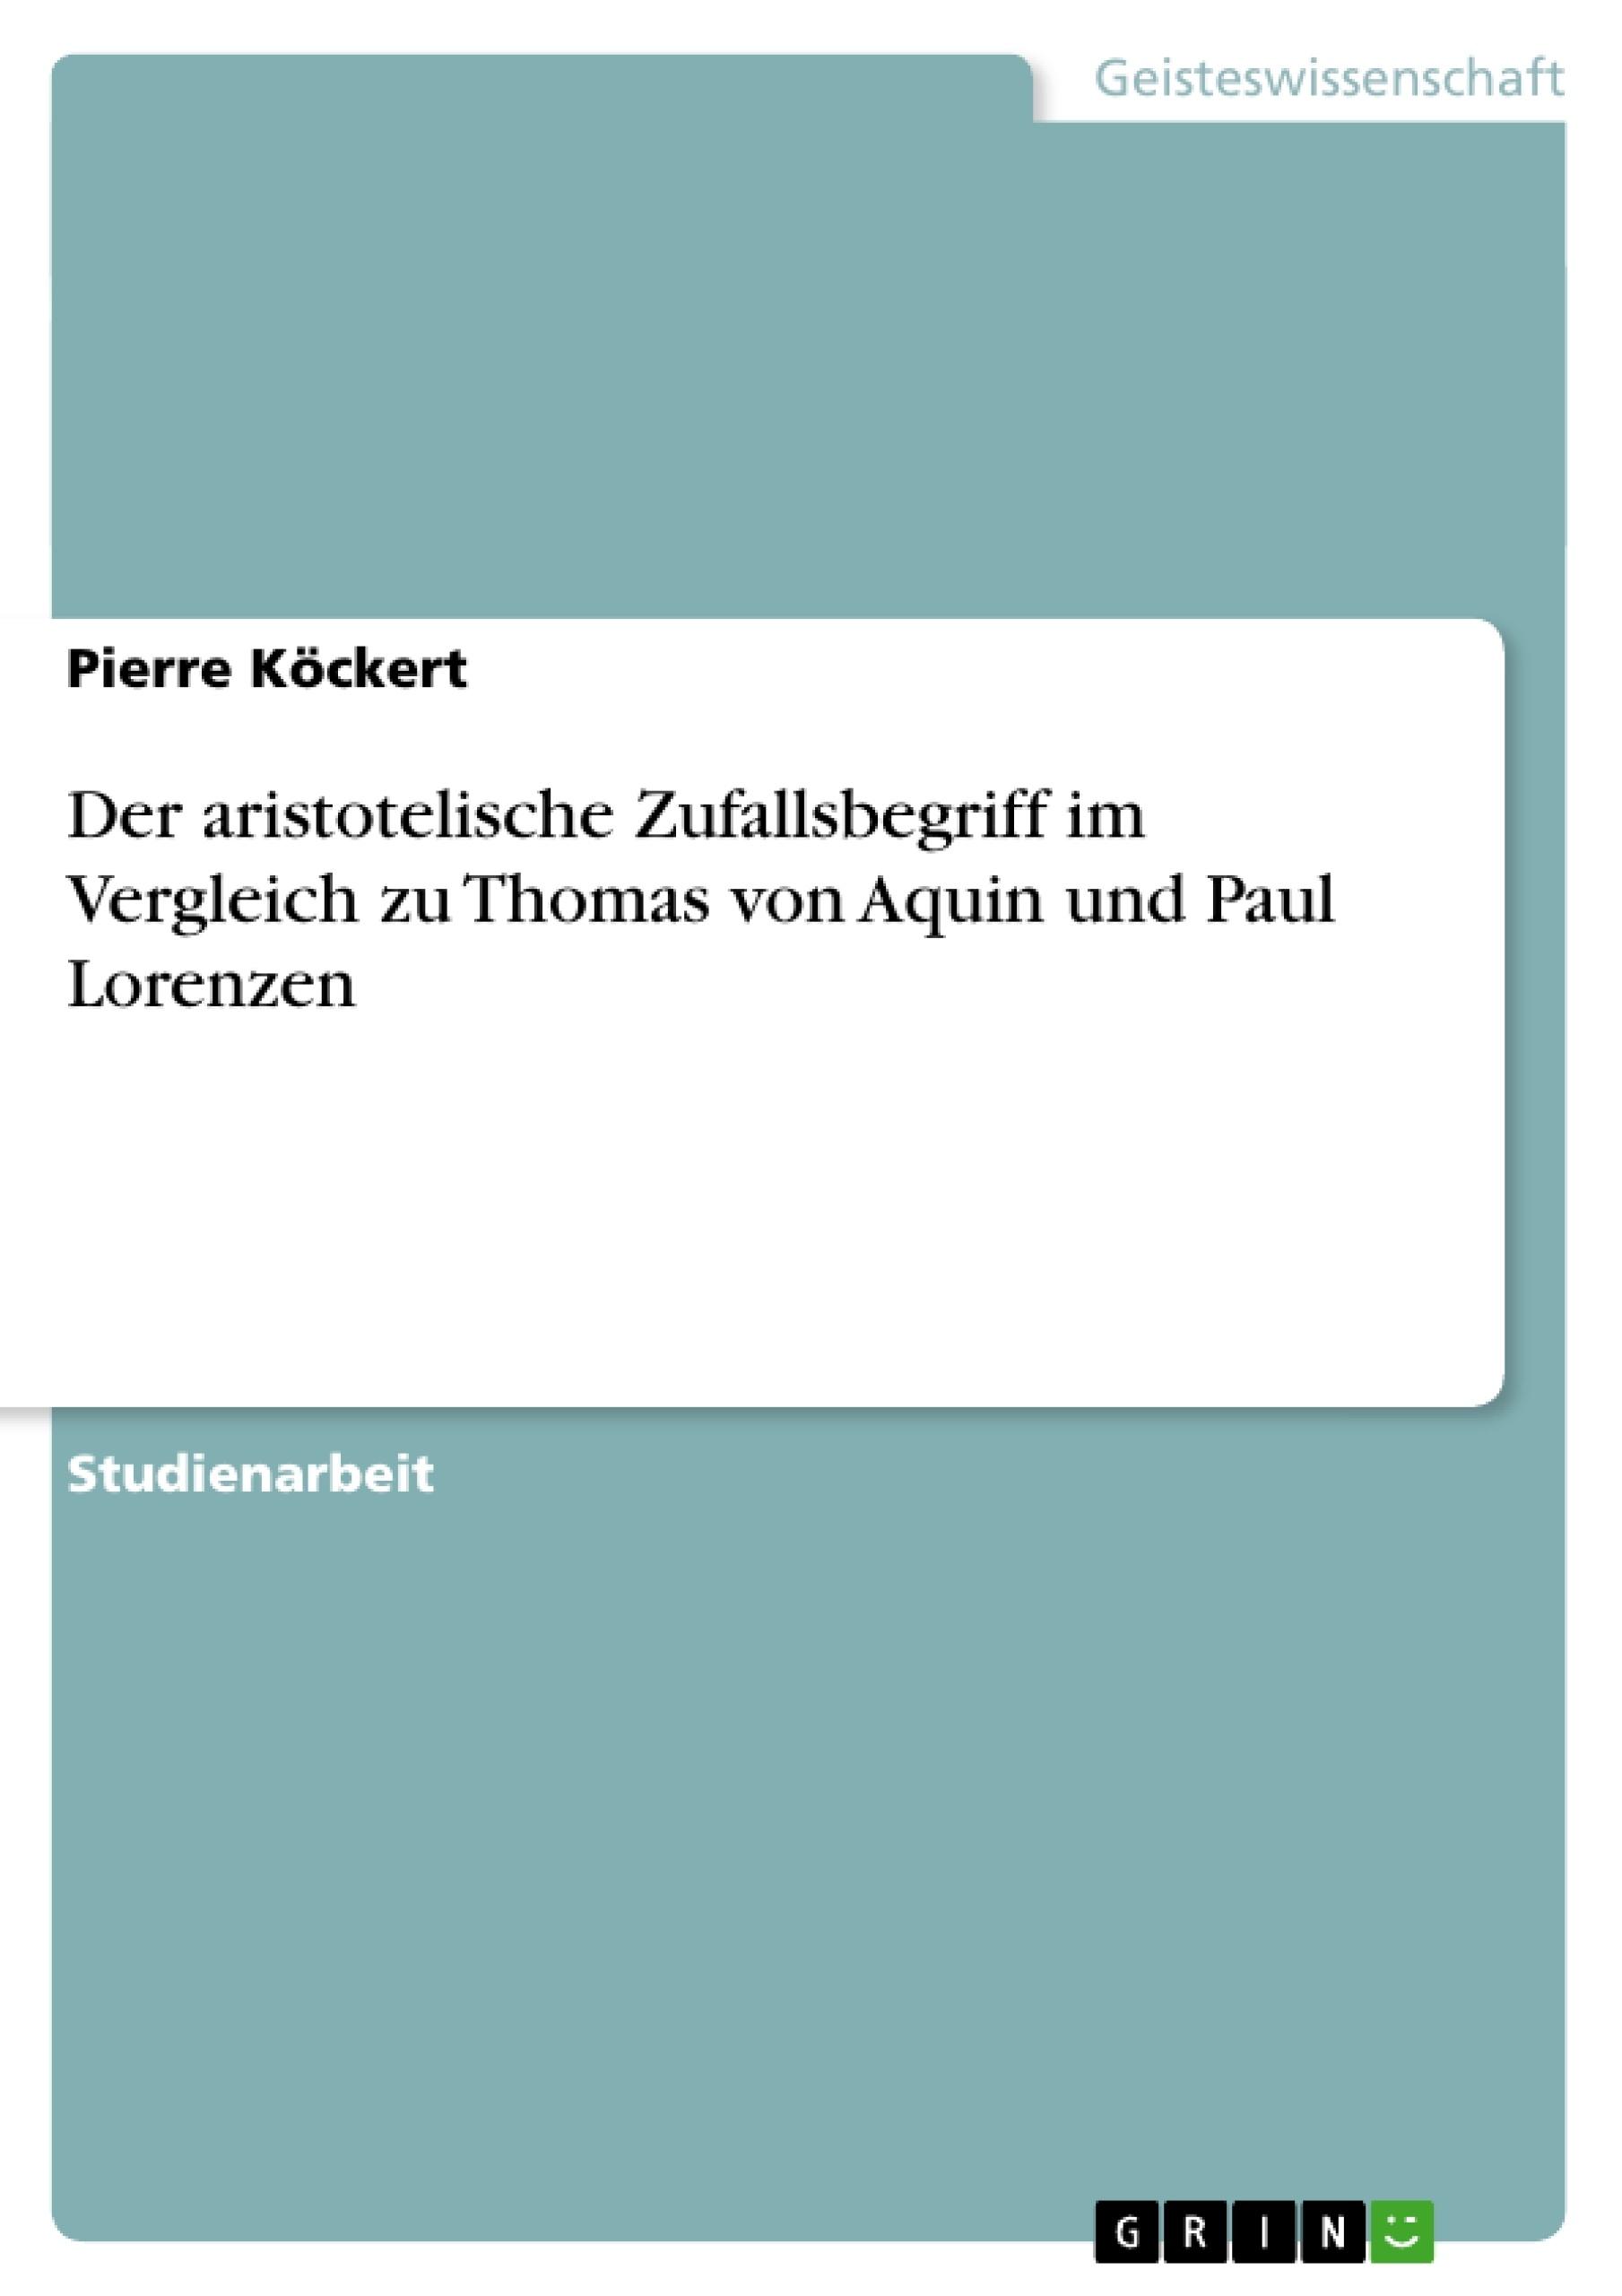 Titel: Der aristotelische Zufallsbegriff im Vergleich zu Thomas von Aquin und Paul Lorenzen